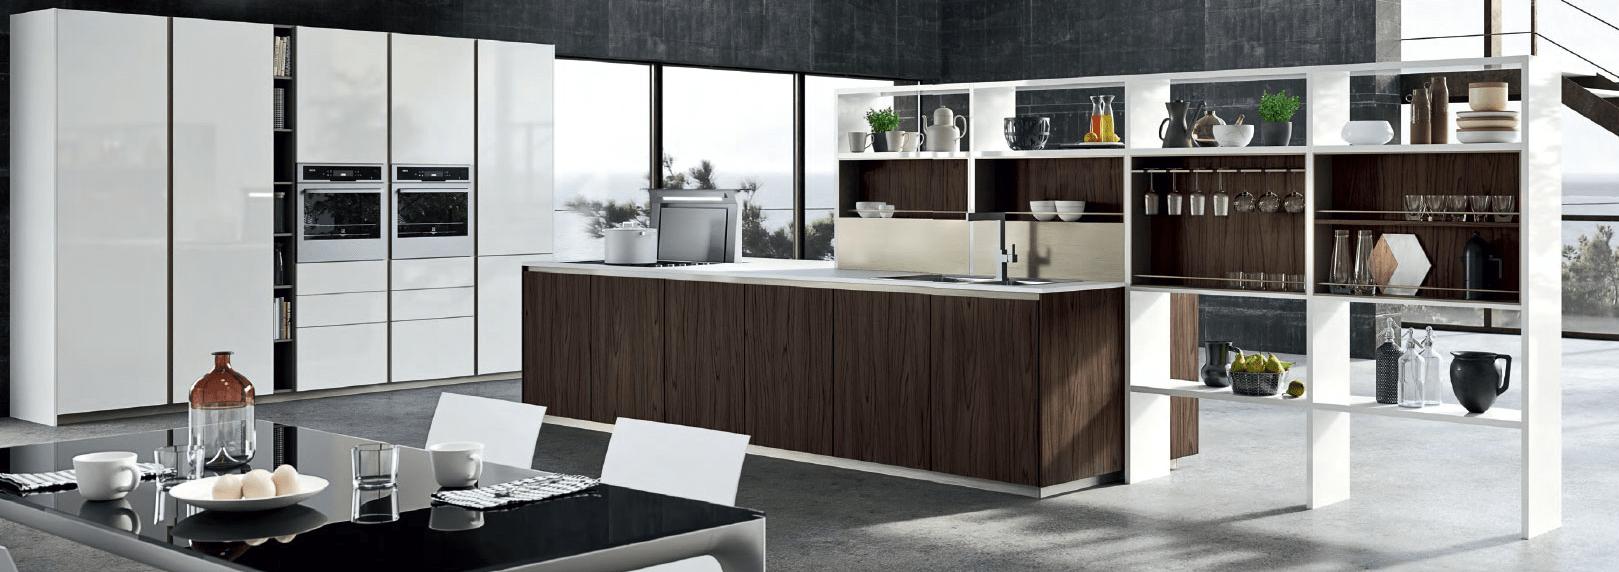 Cucine Moderne Aran e Lube a Latina  Fuoco Centro Cucine